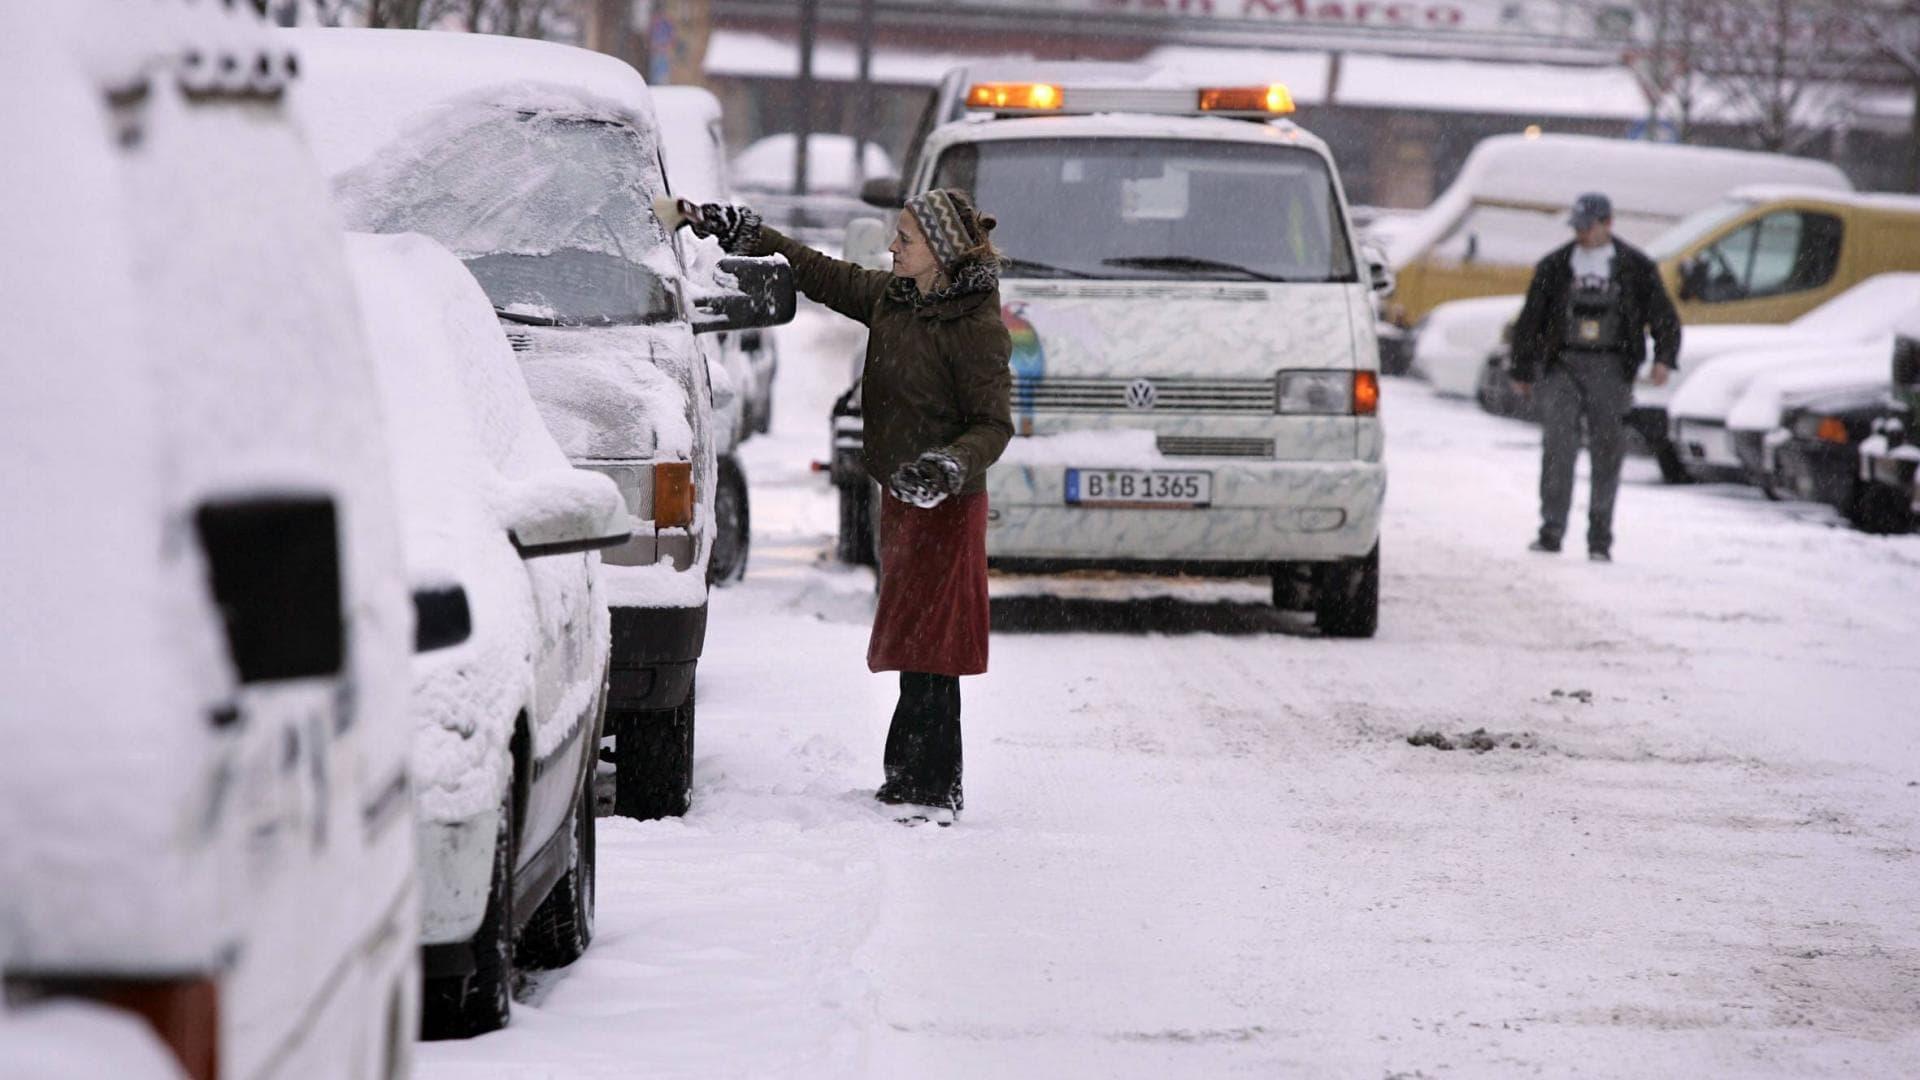 auto schnee verkehrschoas winter berlin